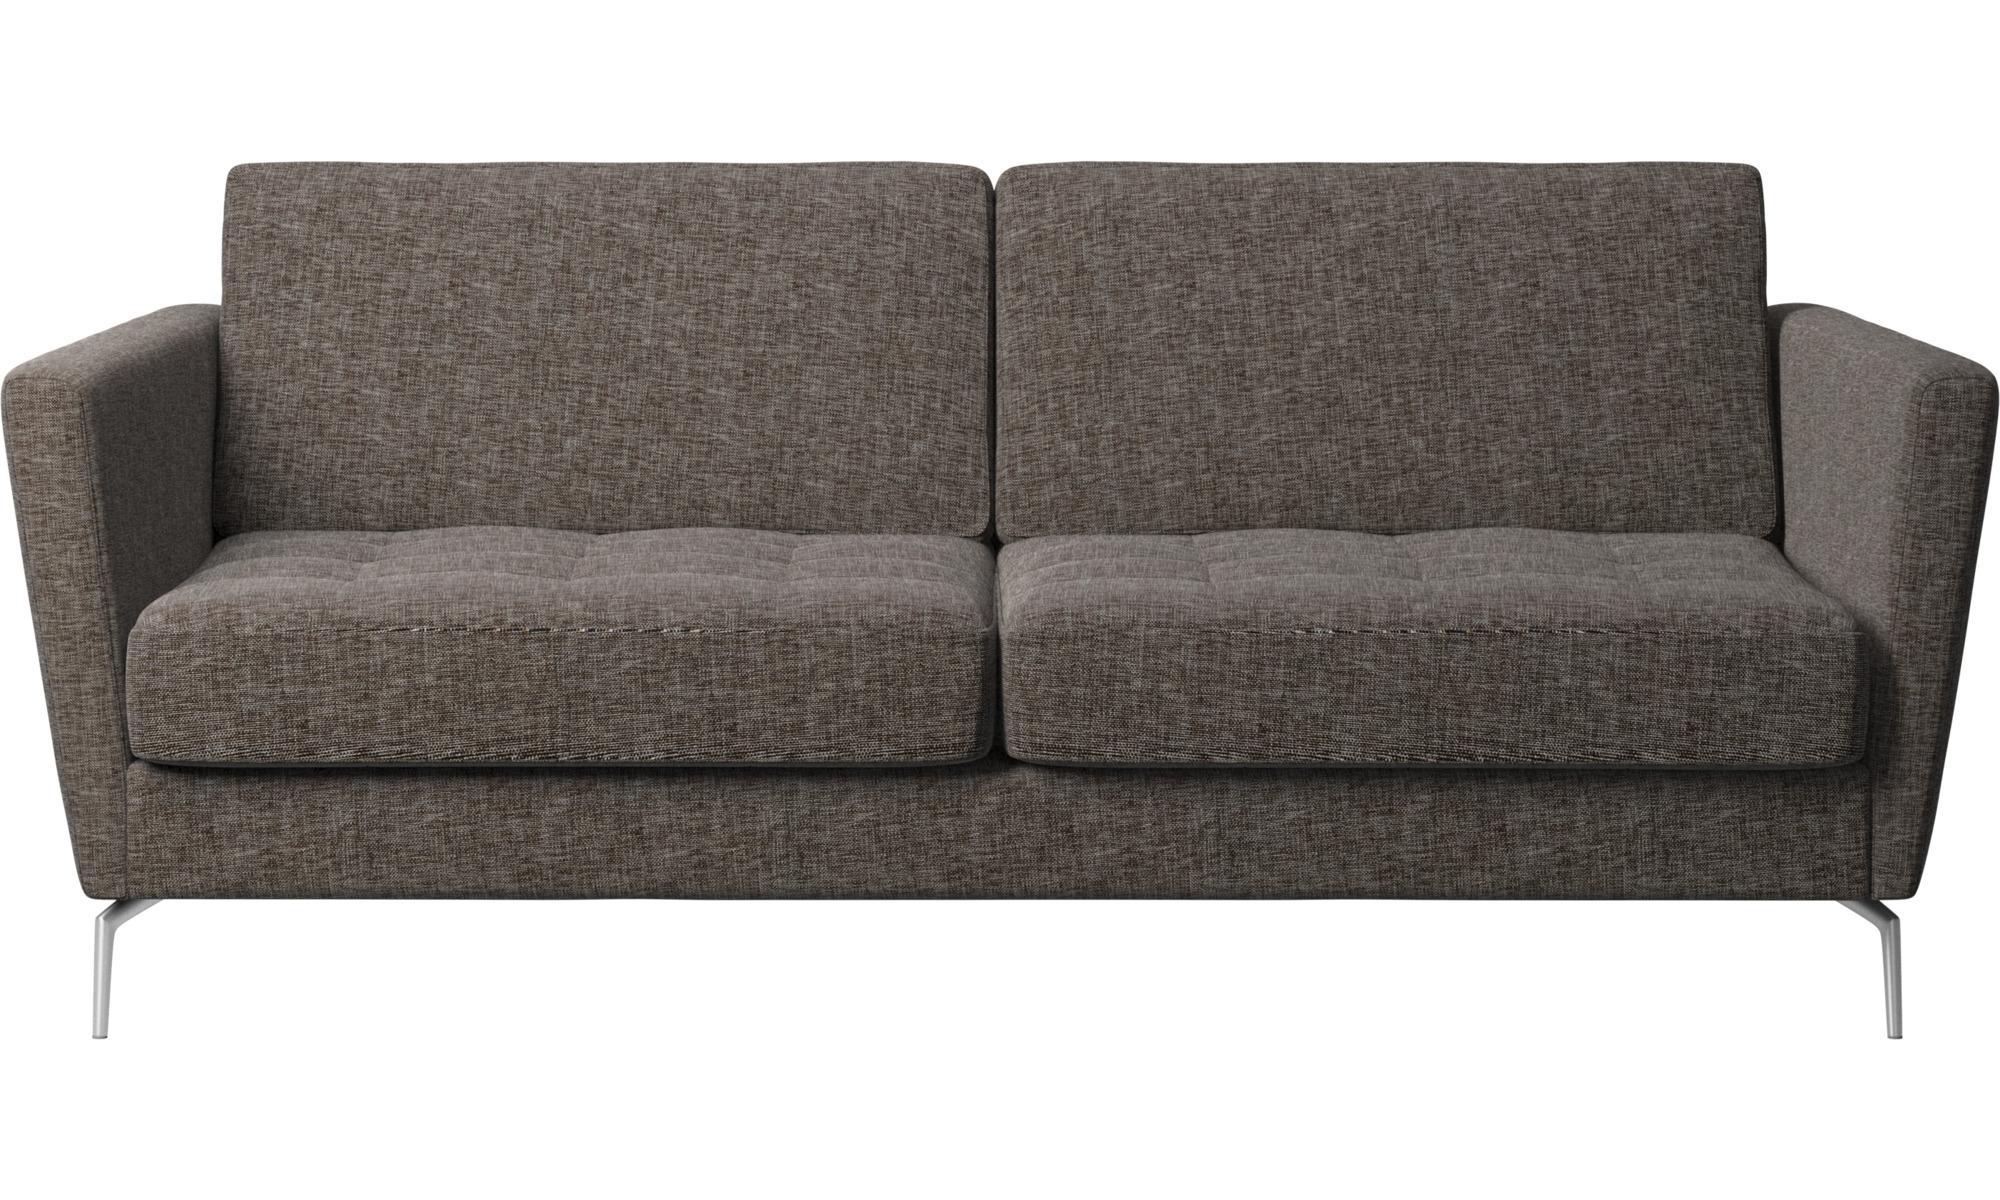 Sofy rozkładane - Sofa Osaka z funkcją spania, pikowane siedzisko - Brązowy - Tkanina